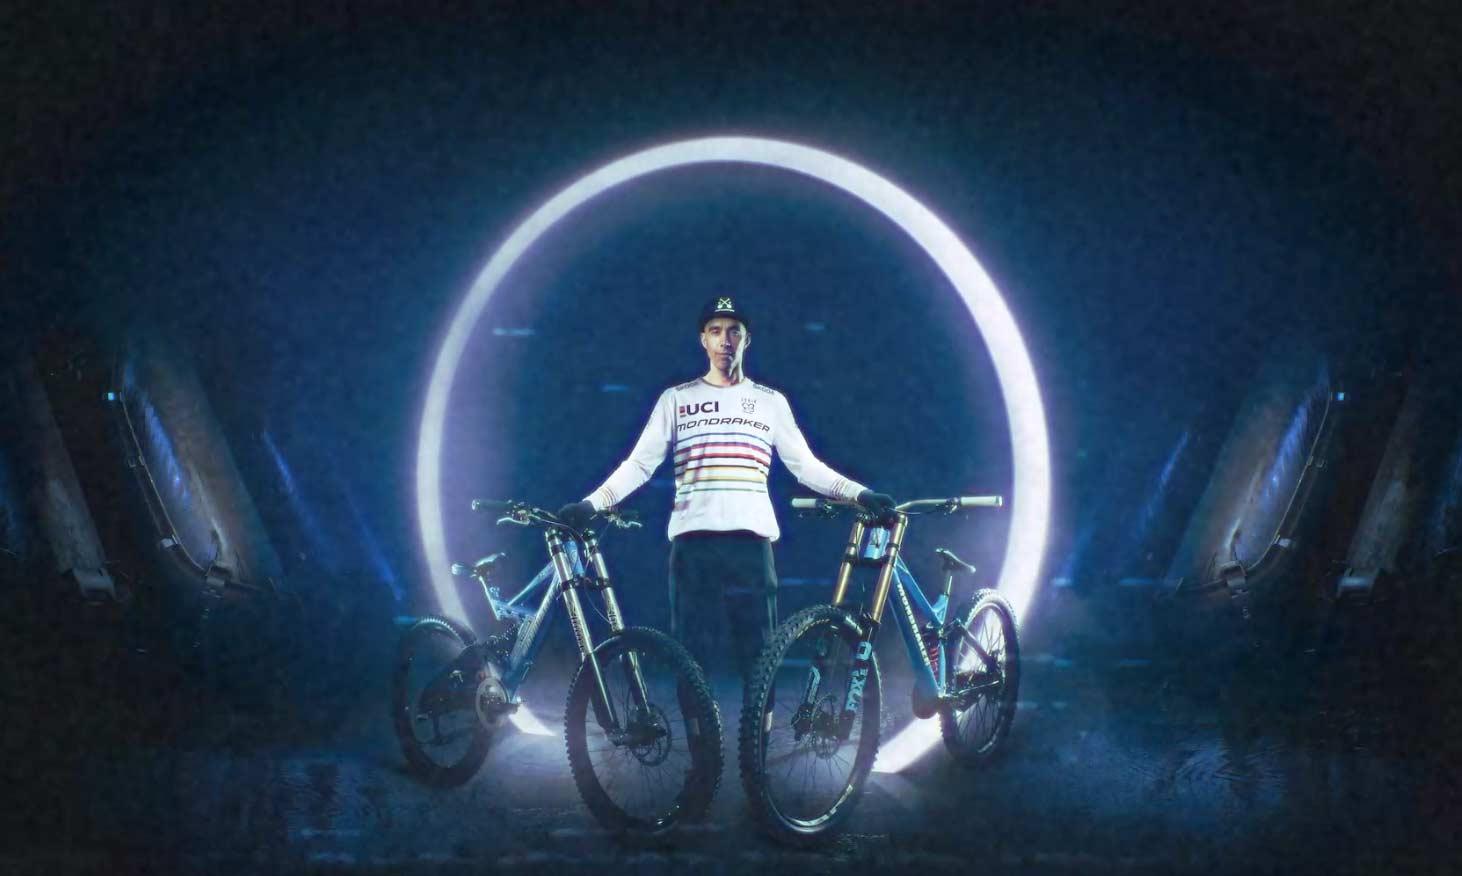 Tomás Misser con su nuevo equipo bicicletas Mondraker